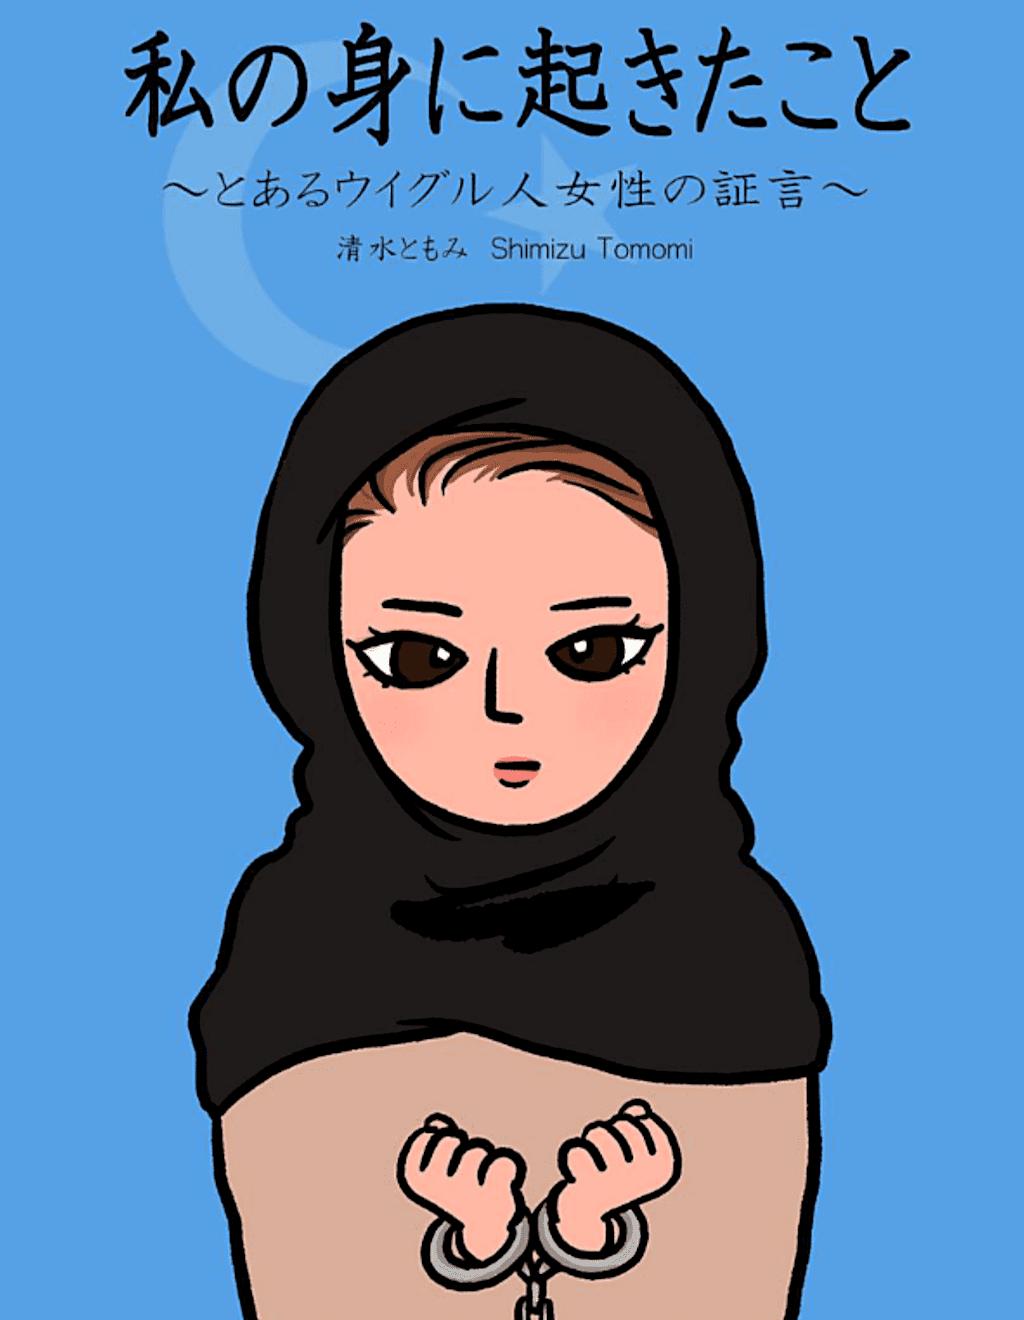 『私の身に起きたこと ~とあるウイグル人女性の証言~』清水ともみ著 発刊!